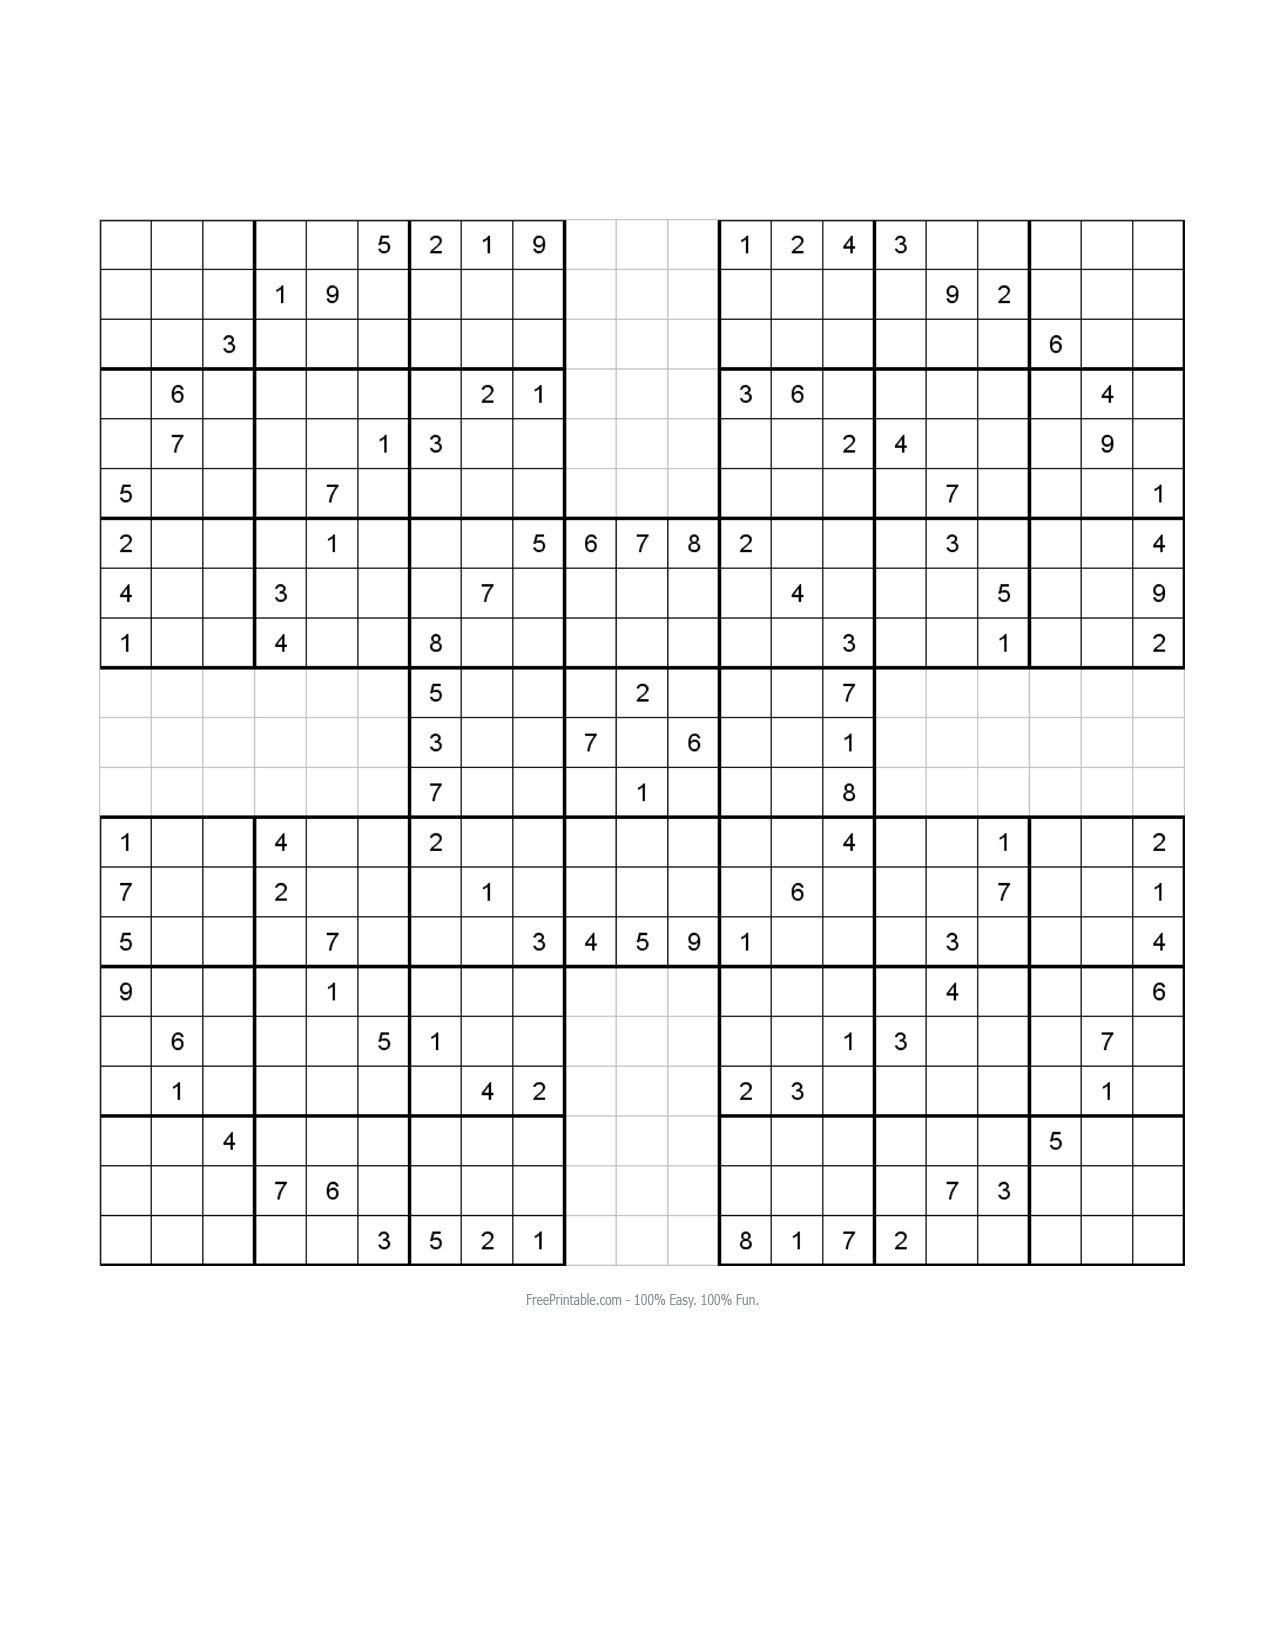 Free Printable Samurai Sudoku Puzzles   Sudoku - Free Printable Samurai Sudoku